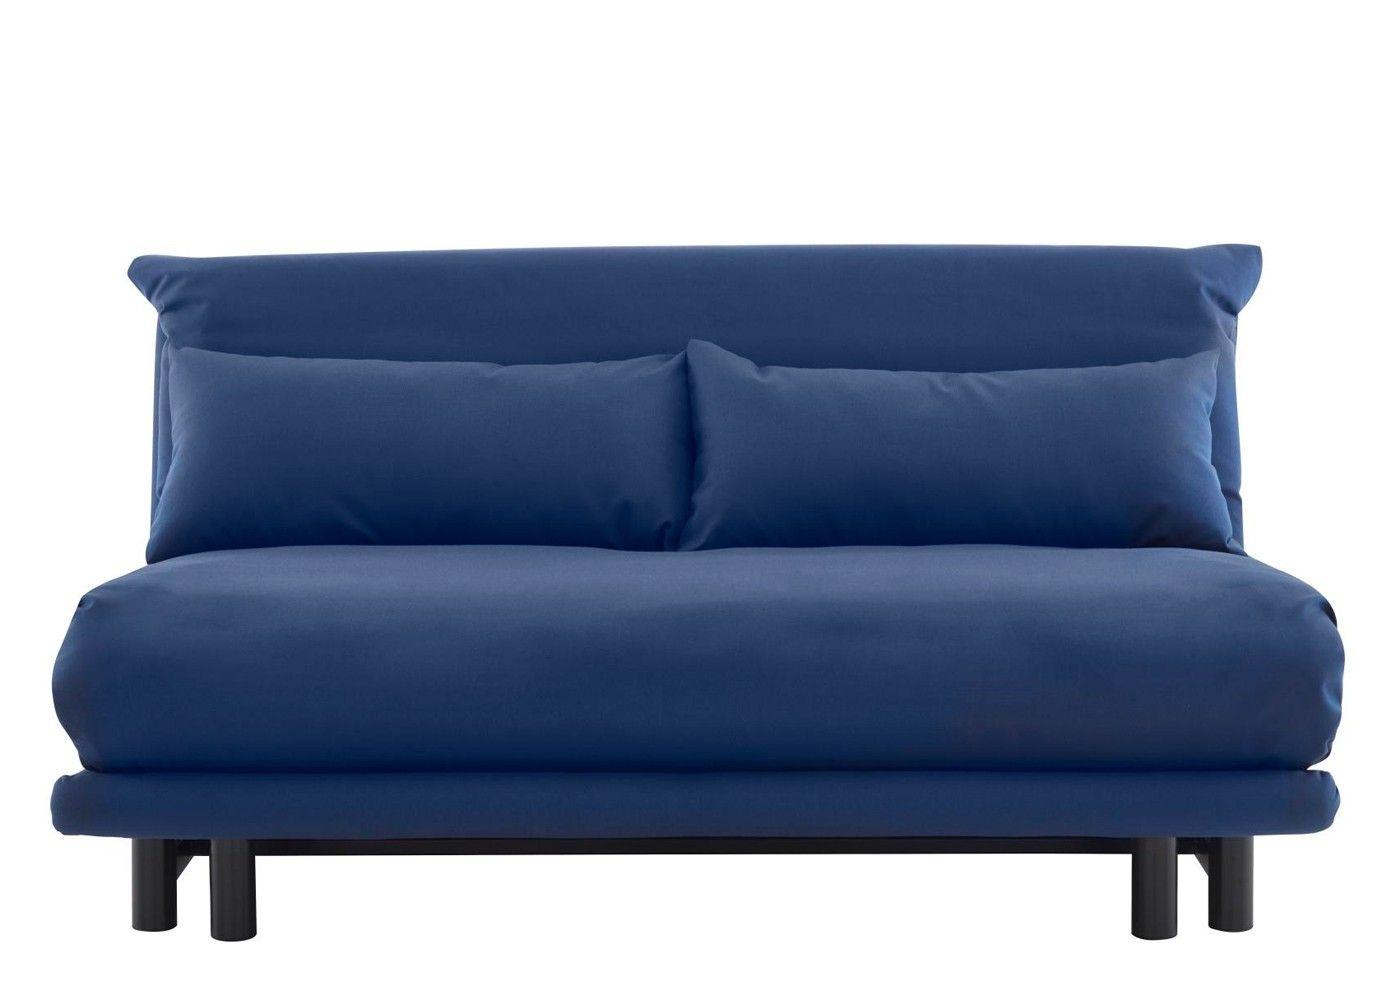 Slaapbank Ligne Roset Multy.Multy Premier Sofa Bed In 2019 Multy Sofa Bed Sofa Bed